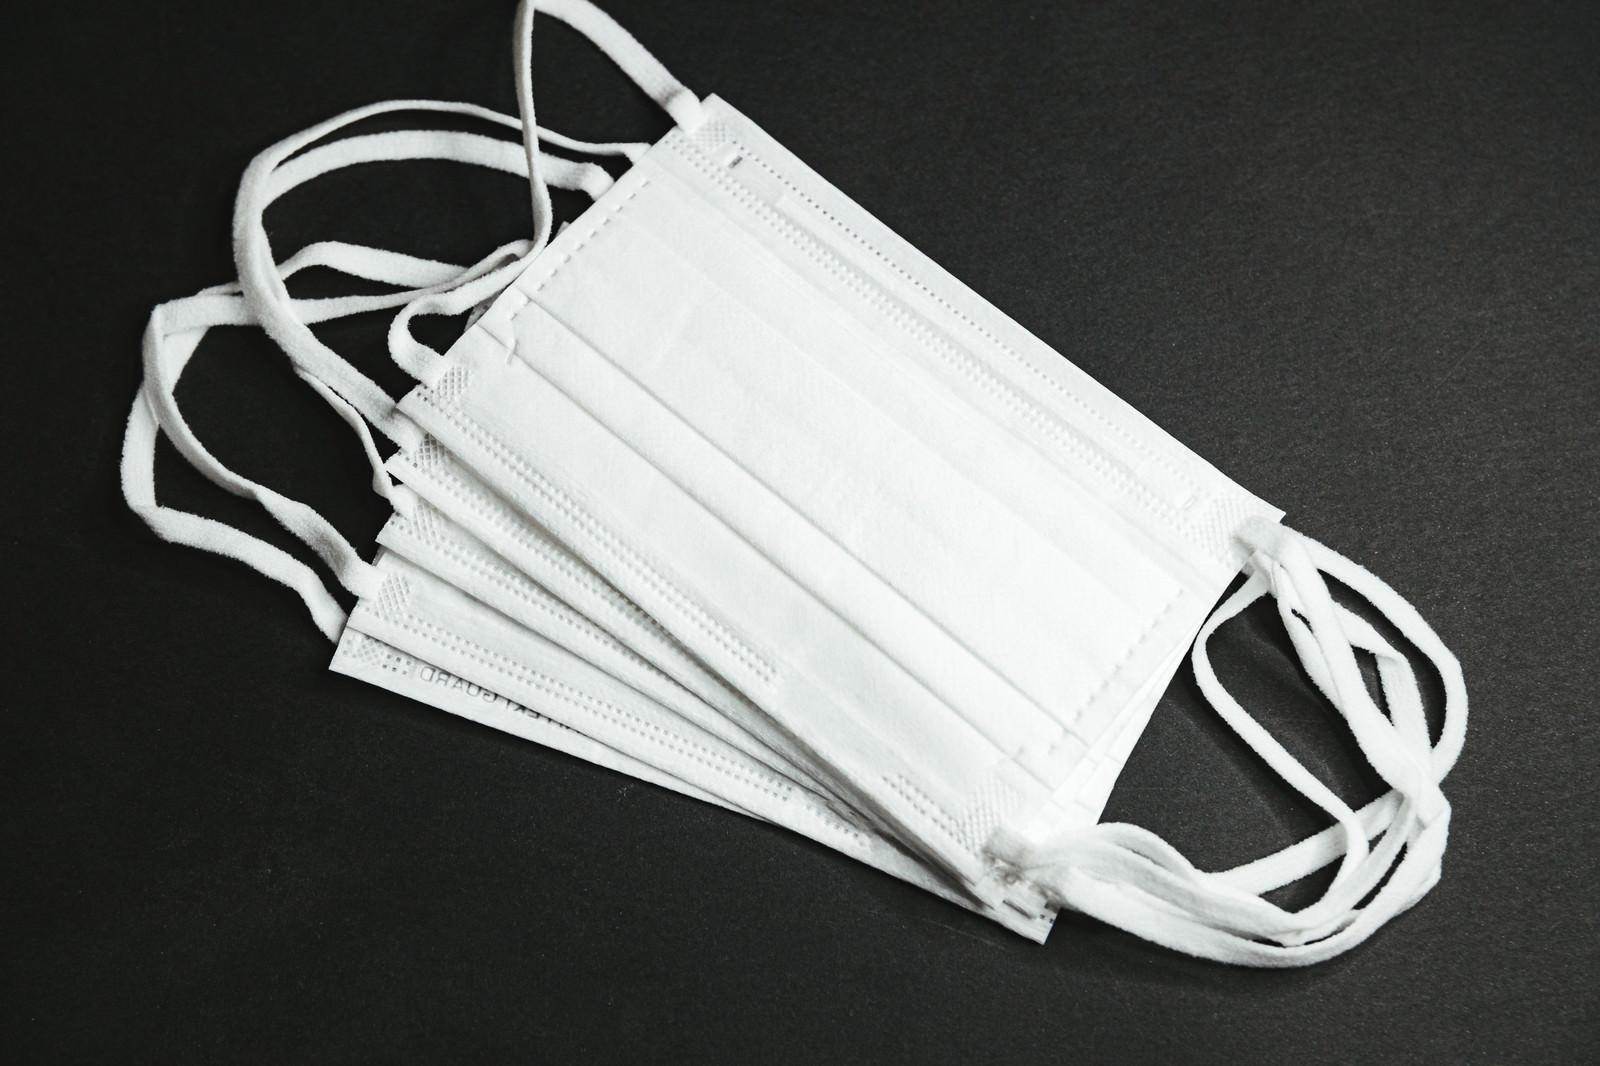 「複数枚の市販品マスク」の写真